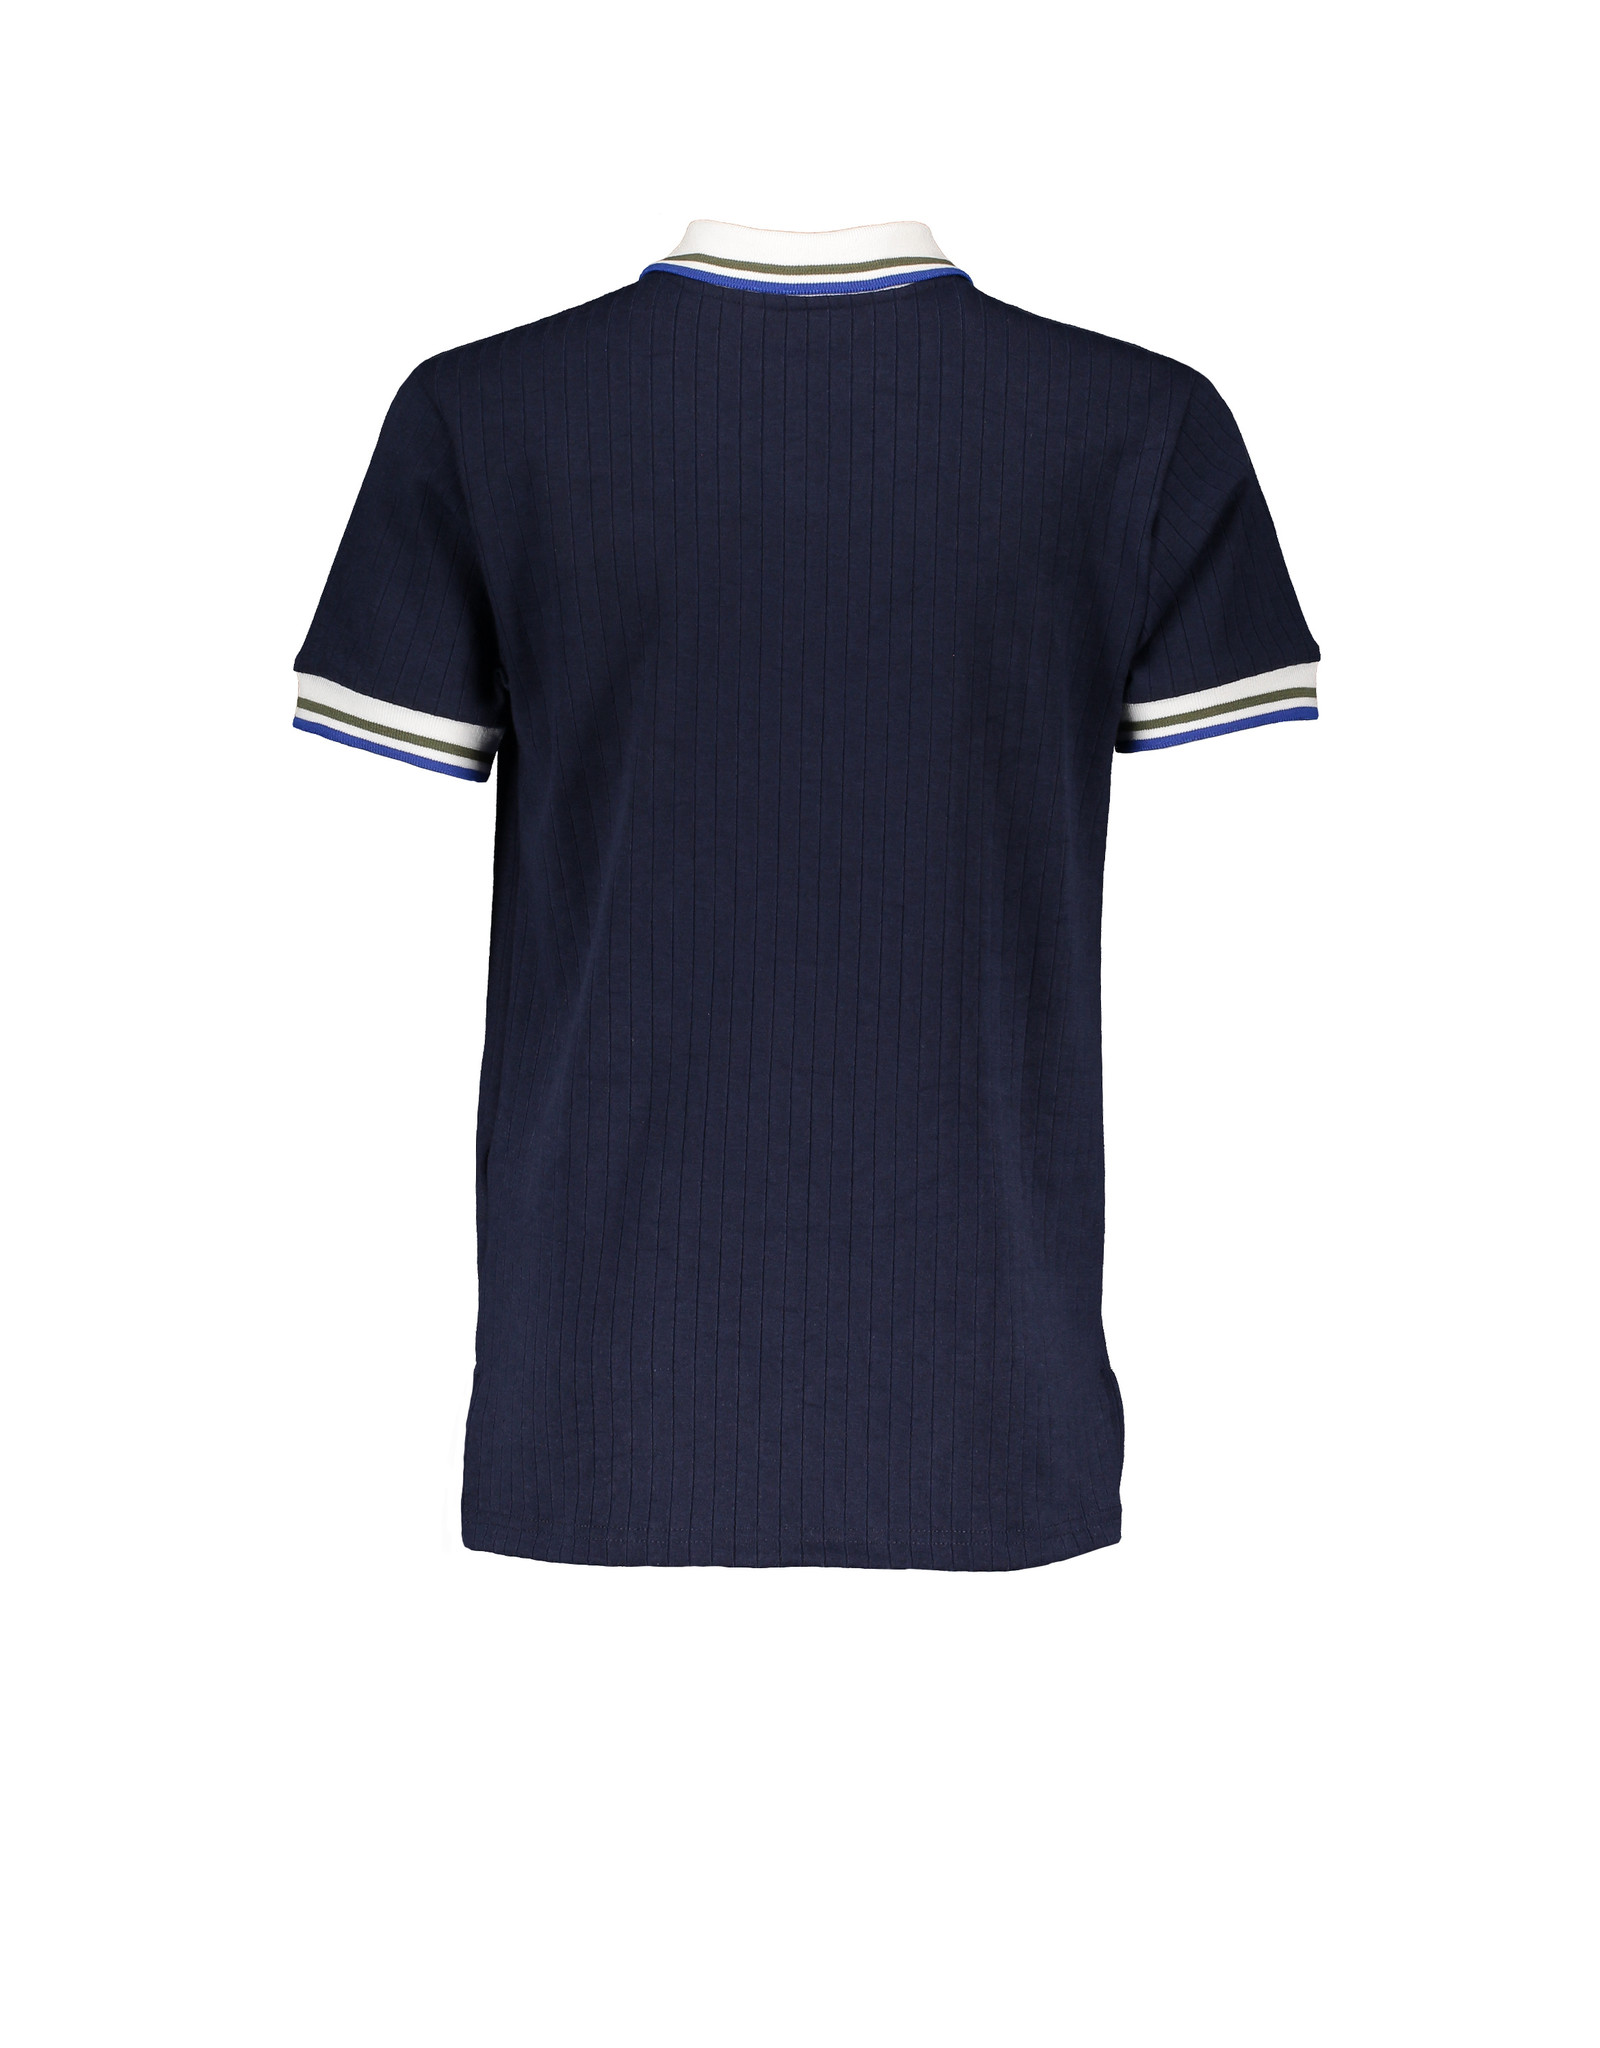 Bellaire Polo shirt navy